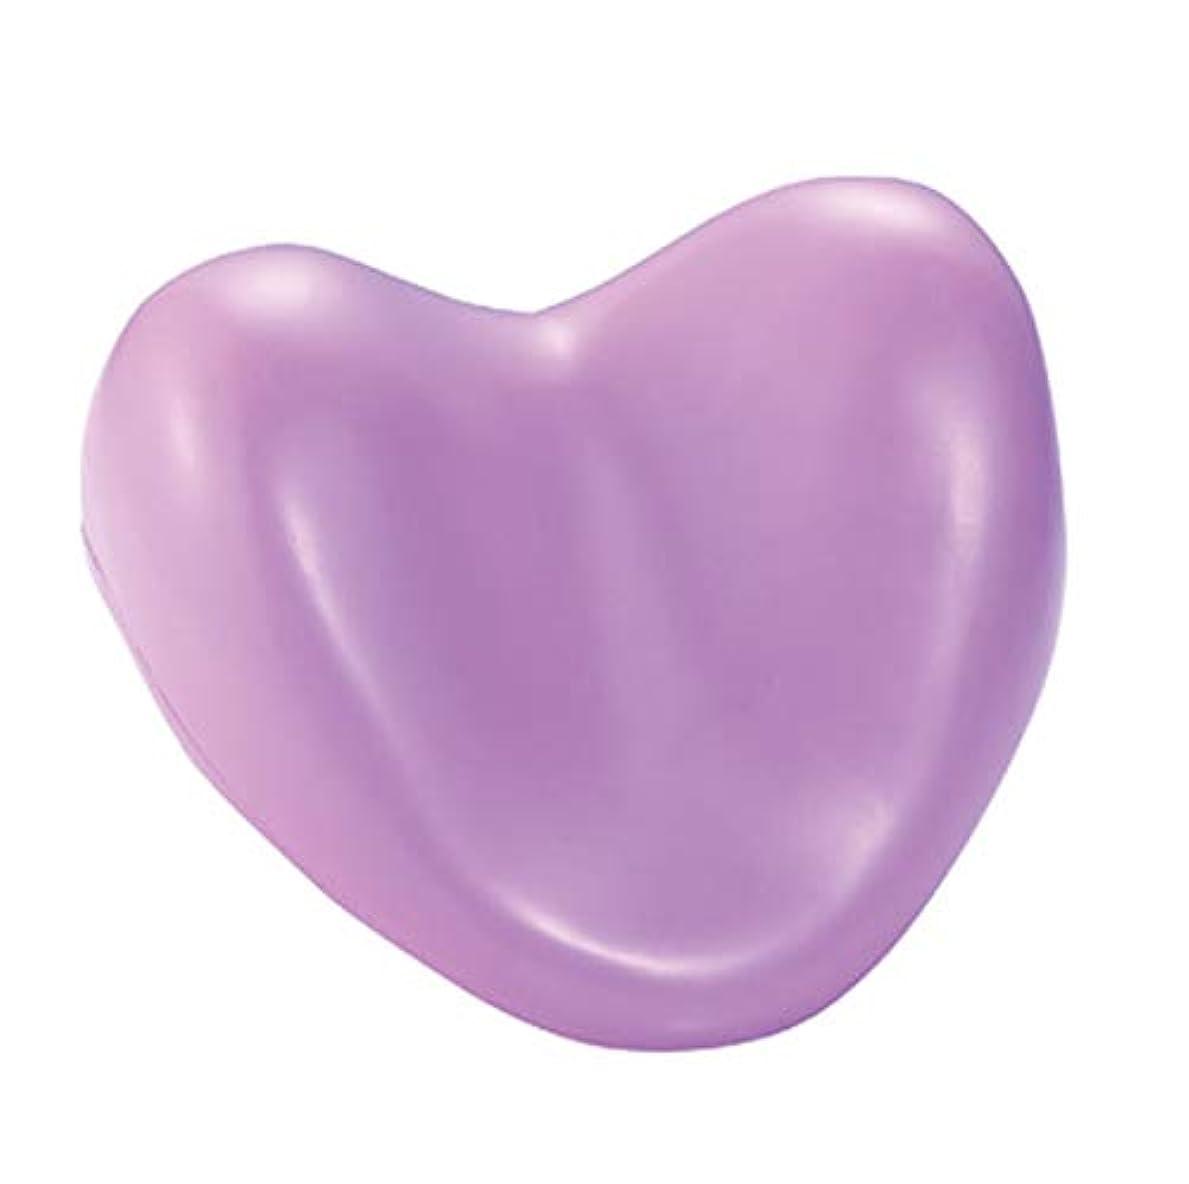 注ぎます対抗バストサクションカップ付きウェルネスバスピローハート型PUフォームサポート枕温水浴槽とスパ浴槽,Purple